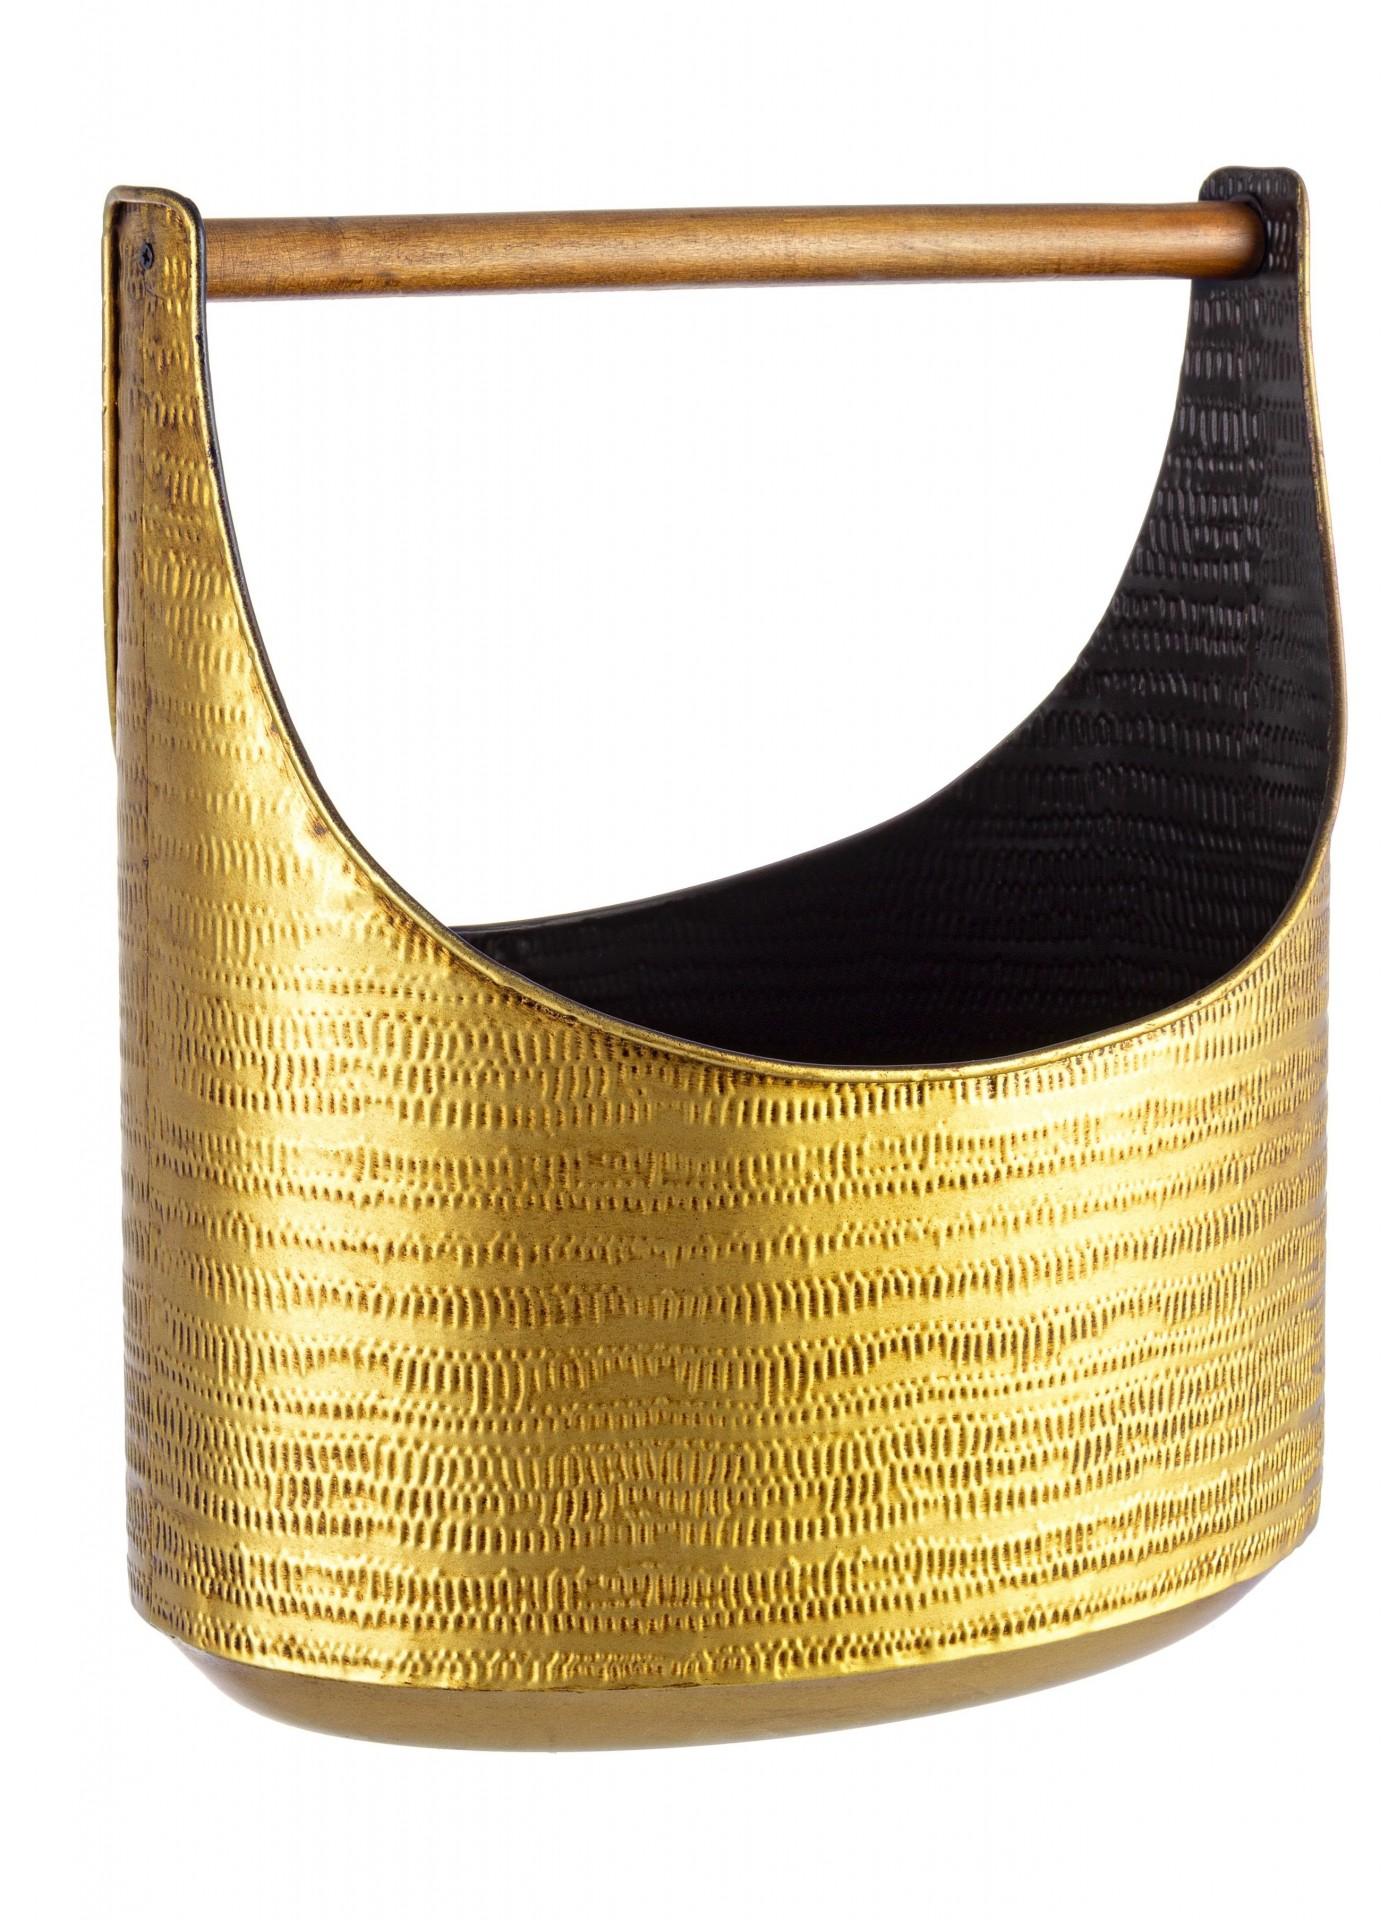 Porta revistas metal madeira dourado/preto grande